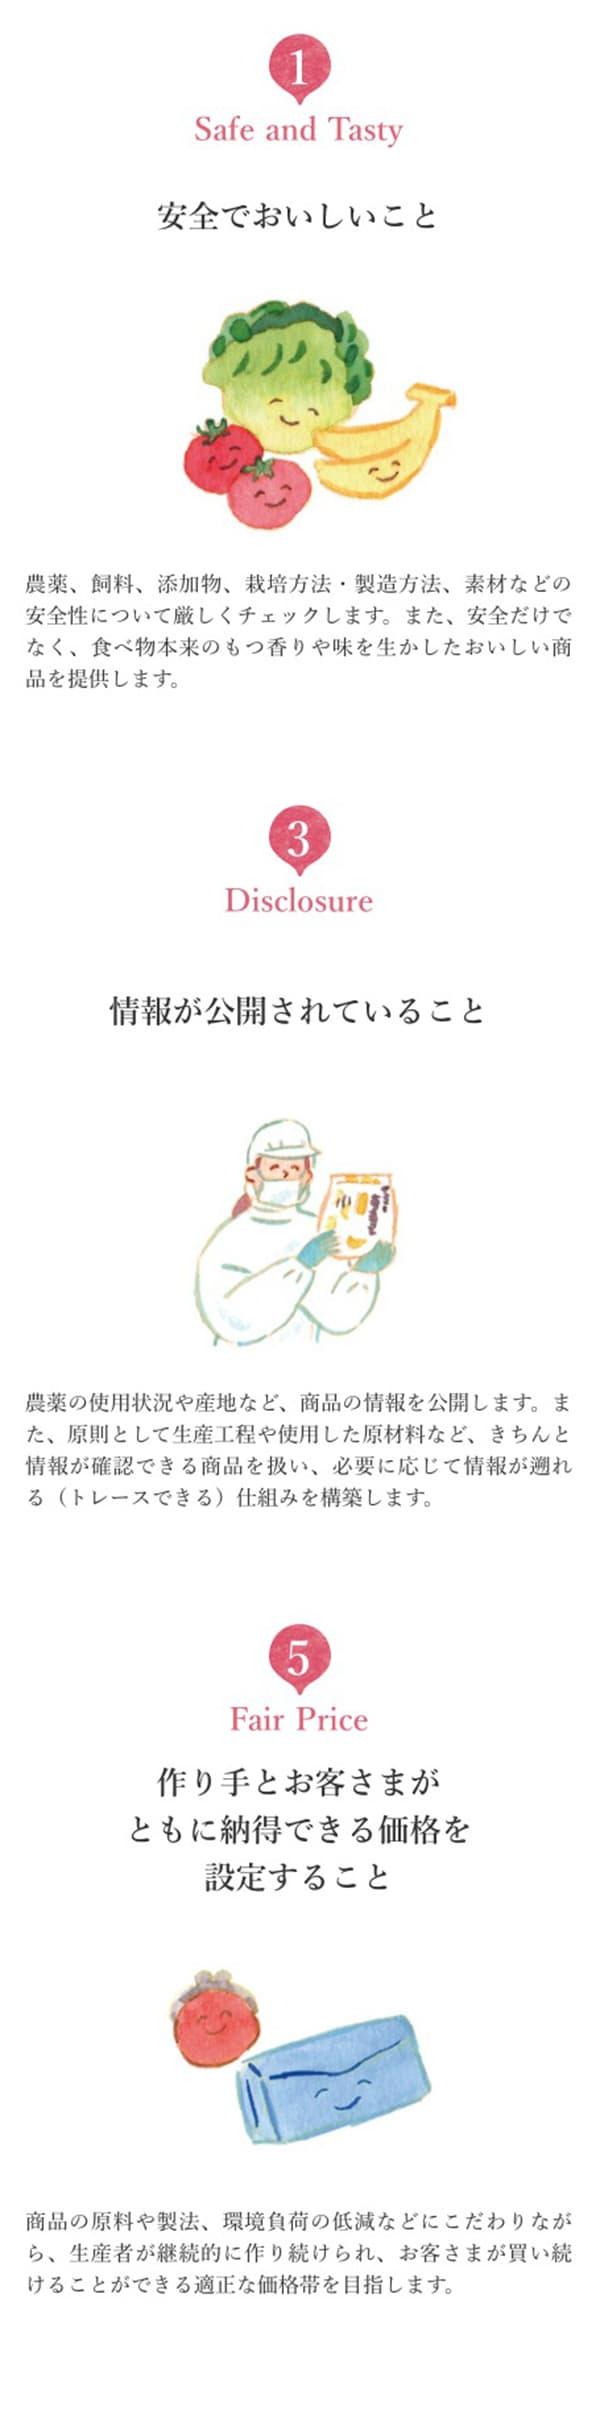 らでぃっしゅぼーや|RADIX基準